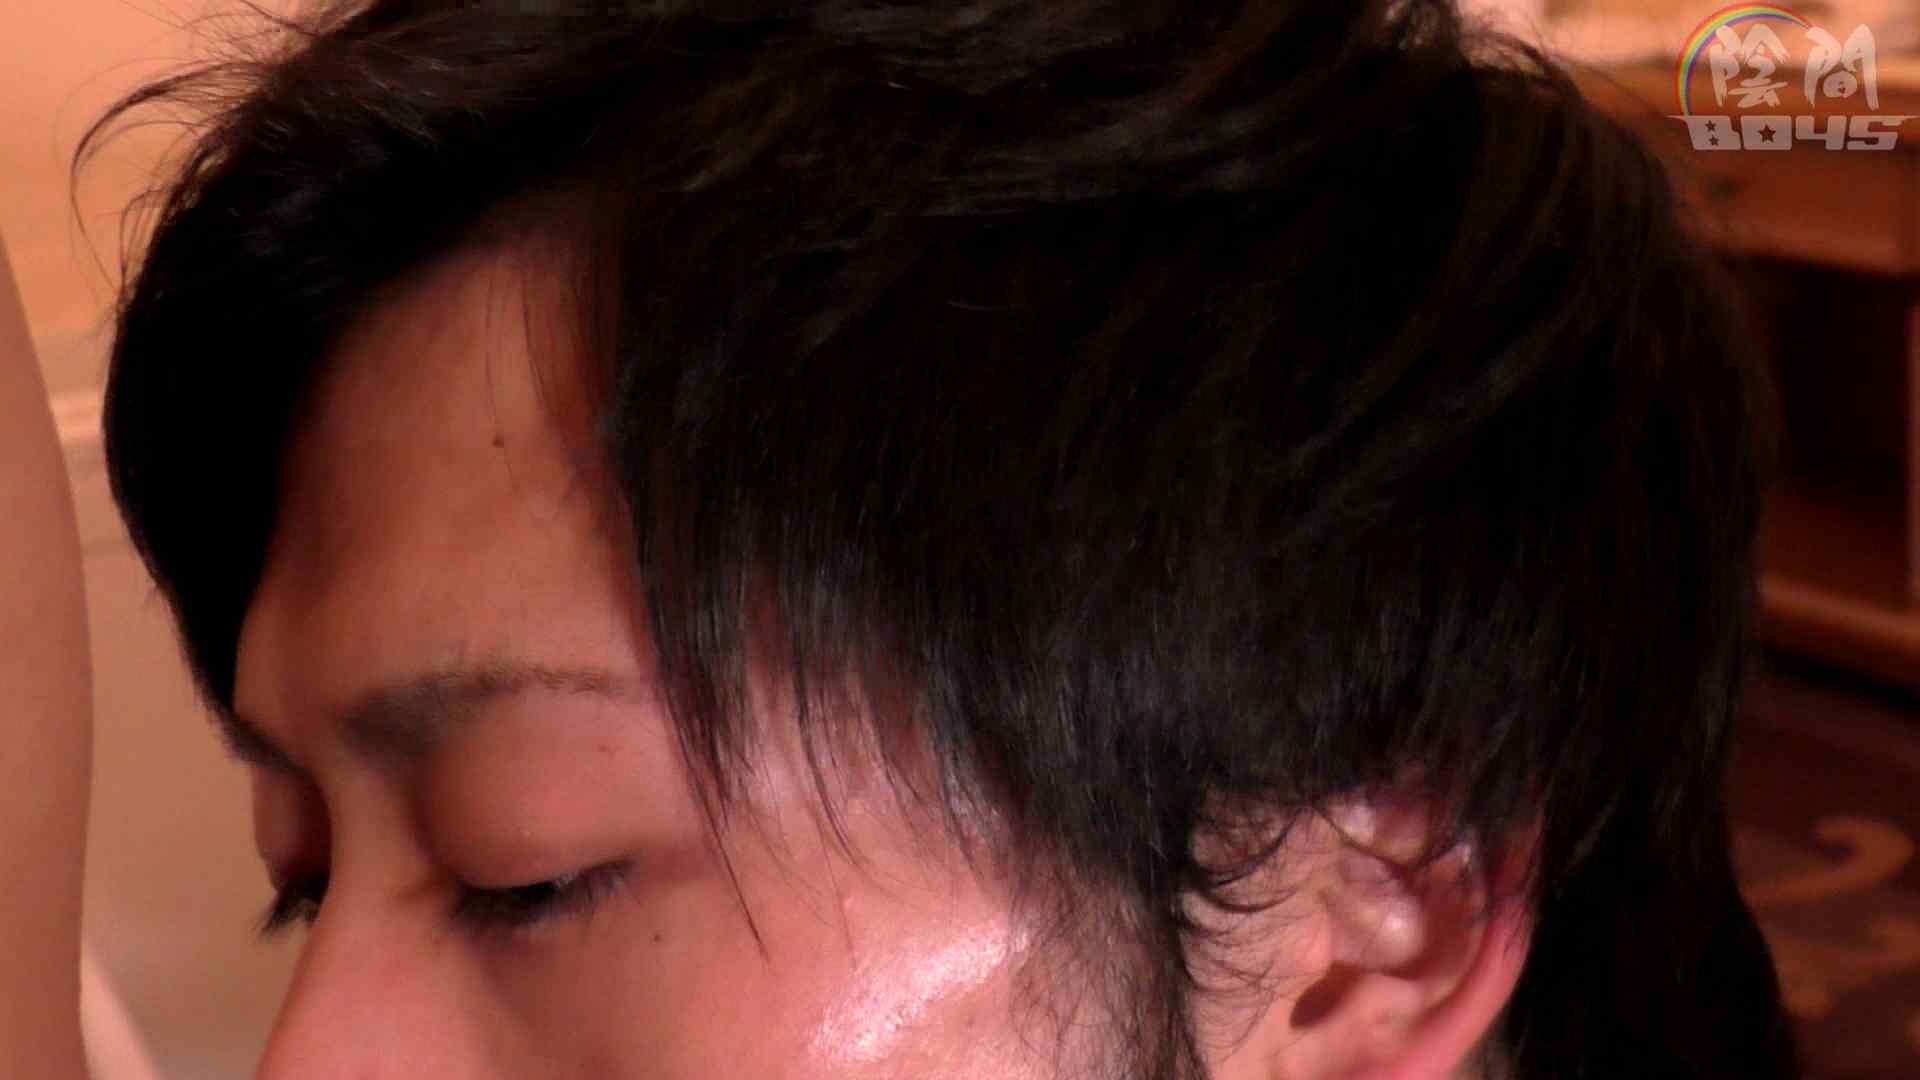 陰間BOYS~AV男優面接2、俺のアナルが…~04 イメージ (sex) 男同士画像 78枚 56